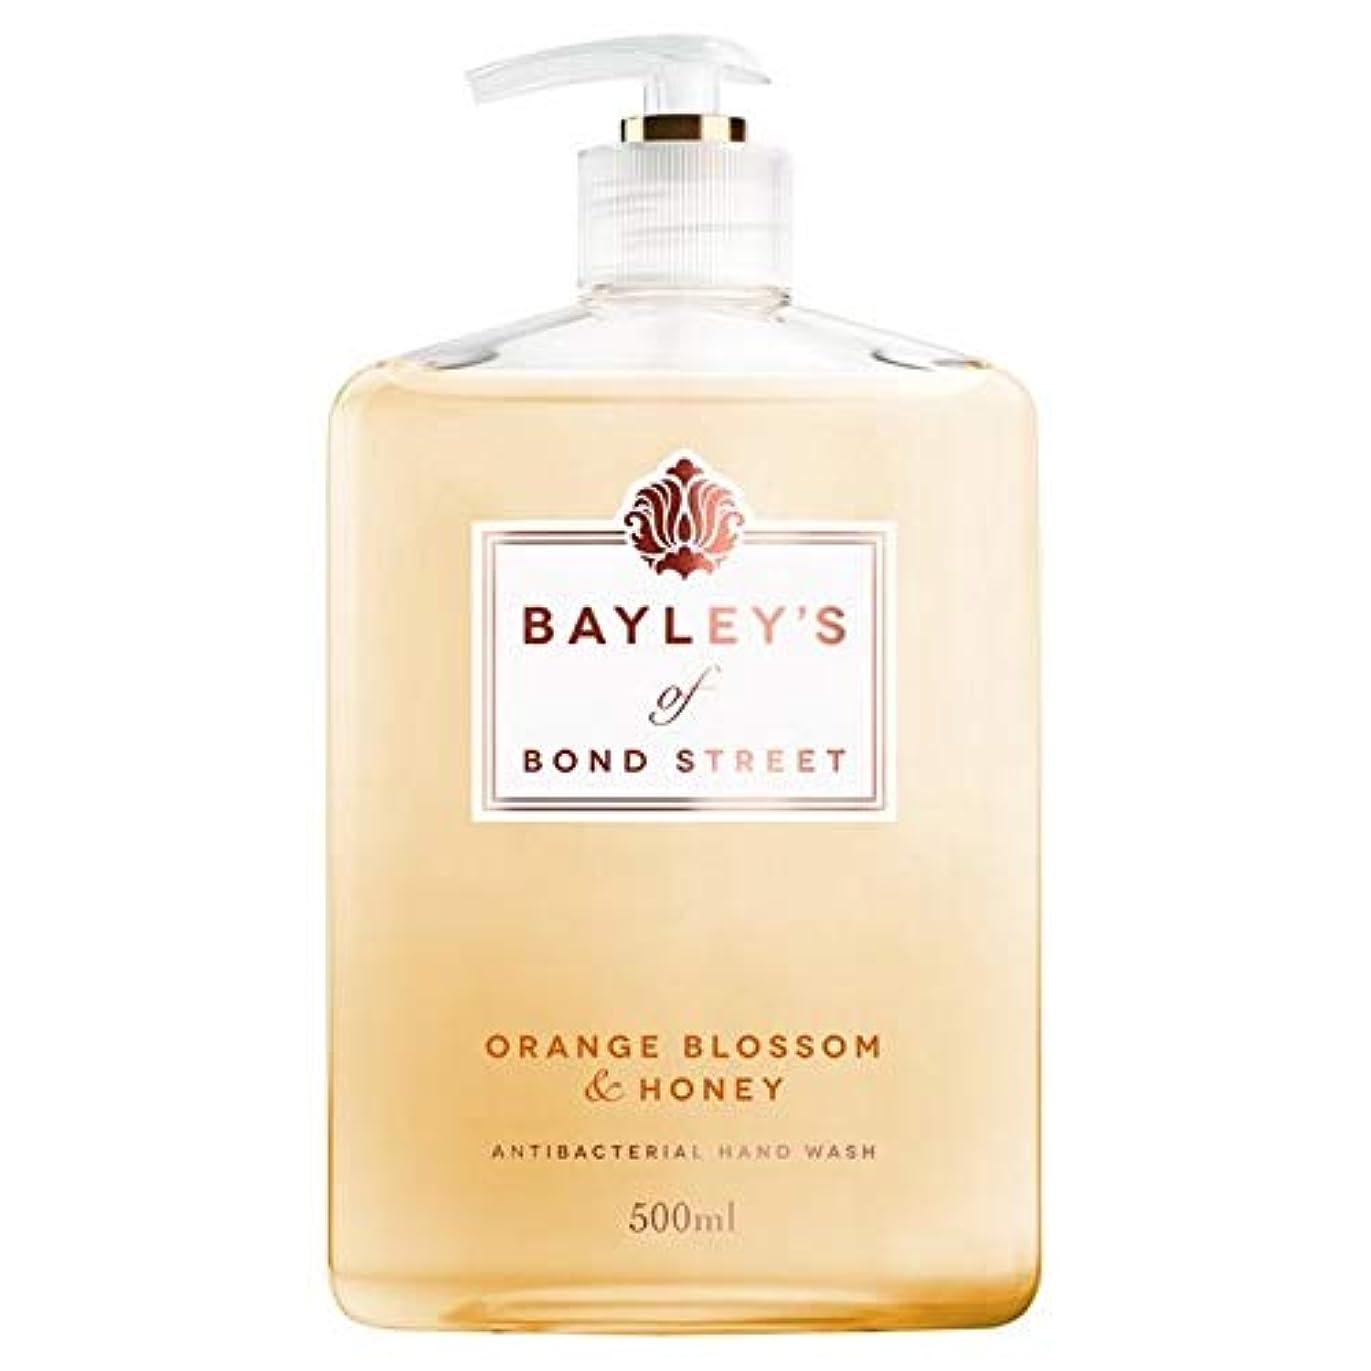 死んでいる若者記念品[Bayley's of Bond Street ] ベイリーのボンドストリートオレンジブロッサム&ハニーハンドウォッシュ500ミリリットルの - Bayley's of Bond Street Orange Blossom...